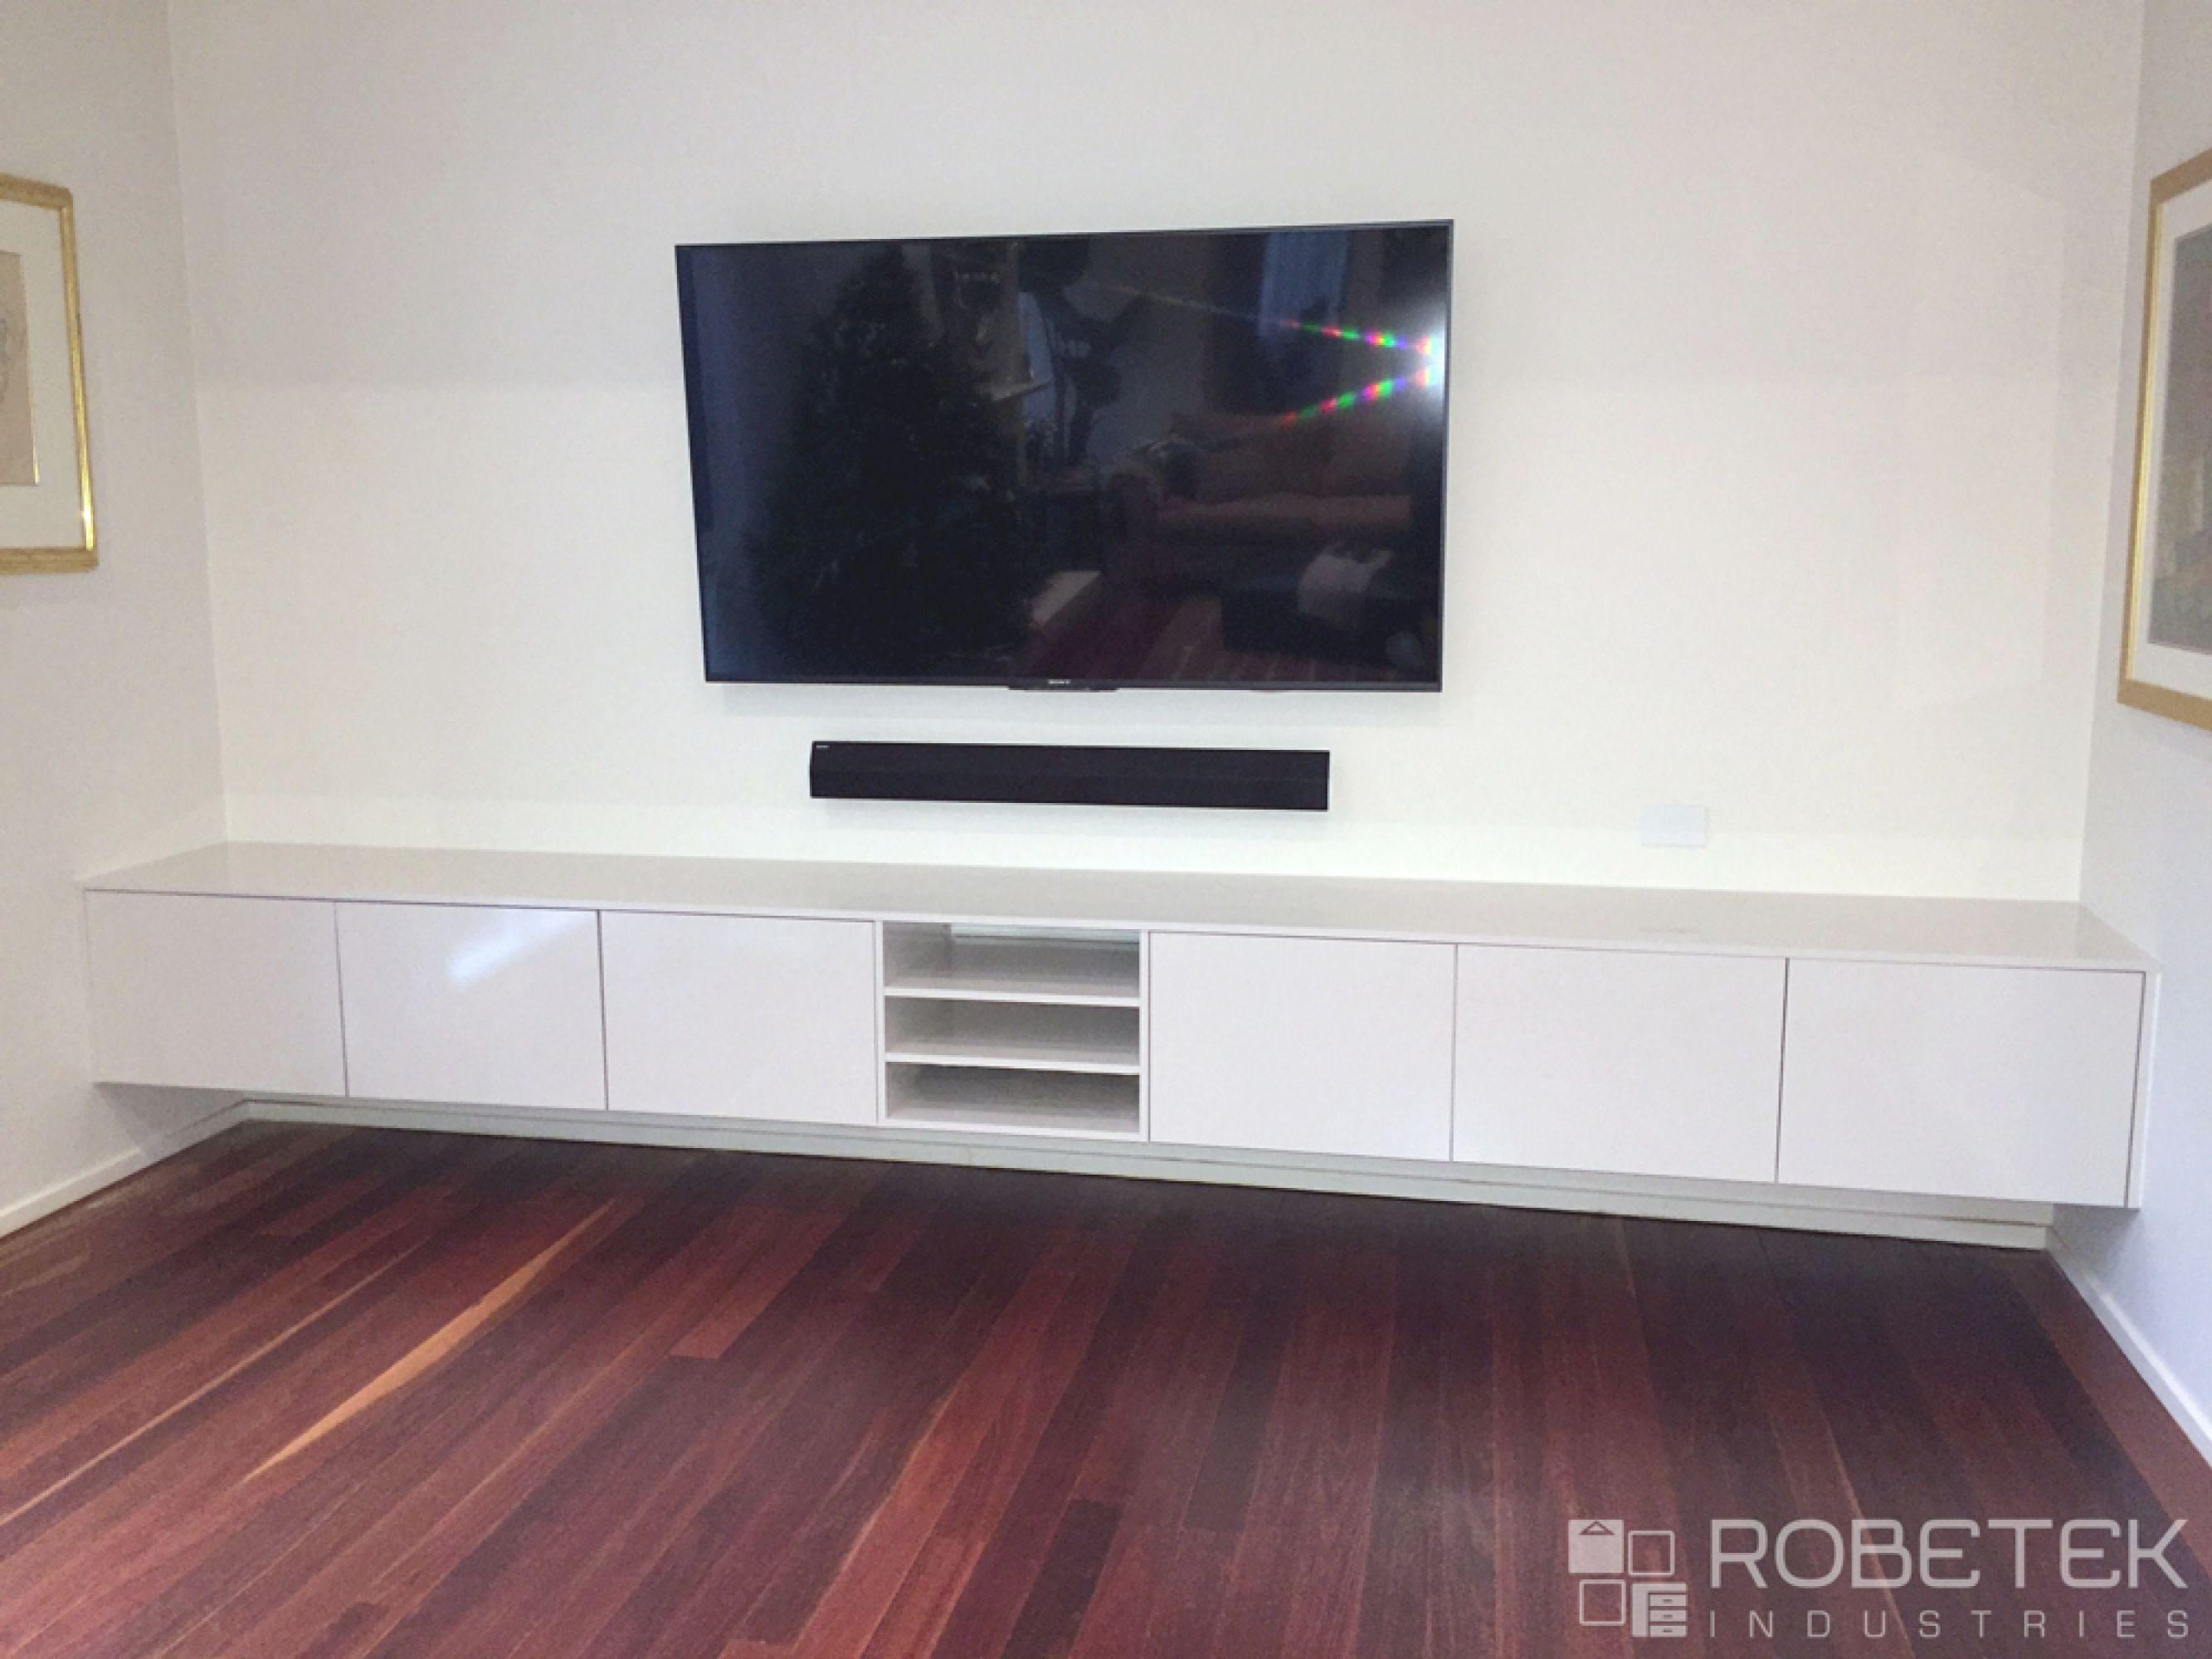 Custom Floating Tv Units – Floating Tv Units Are A Stylish with regard to Stylish Tv Unit